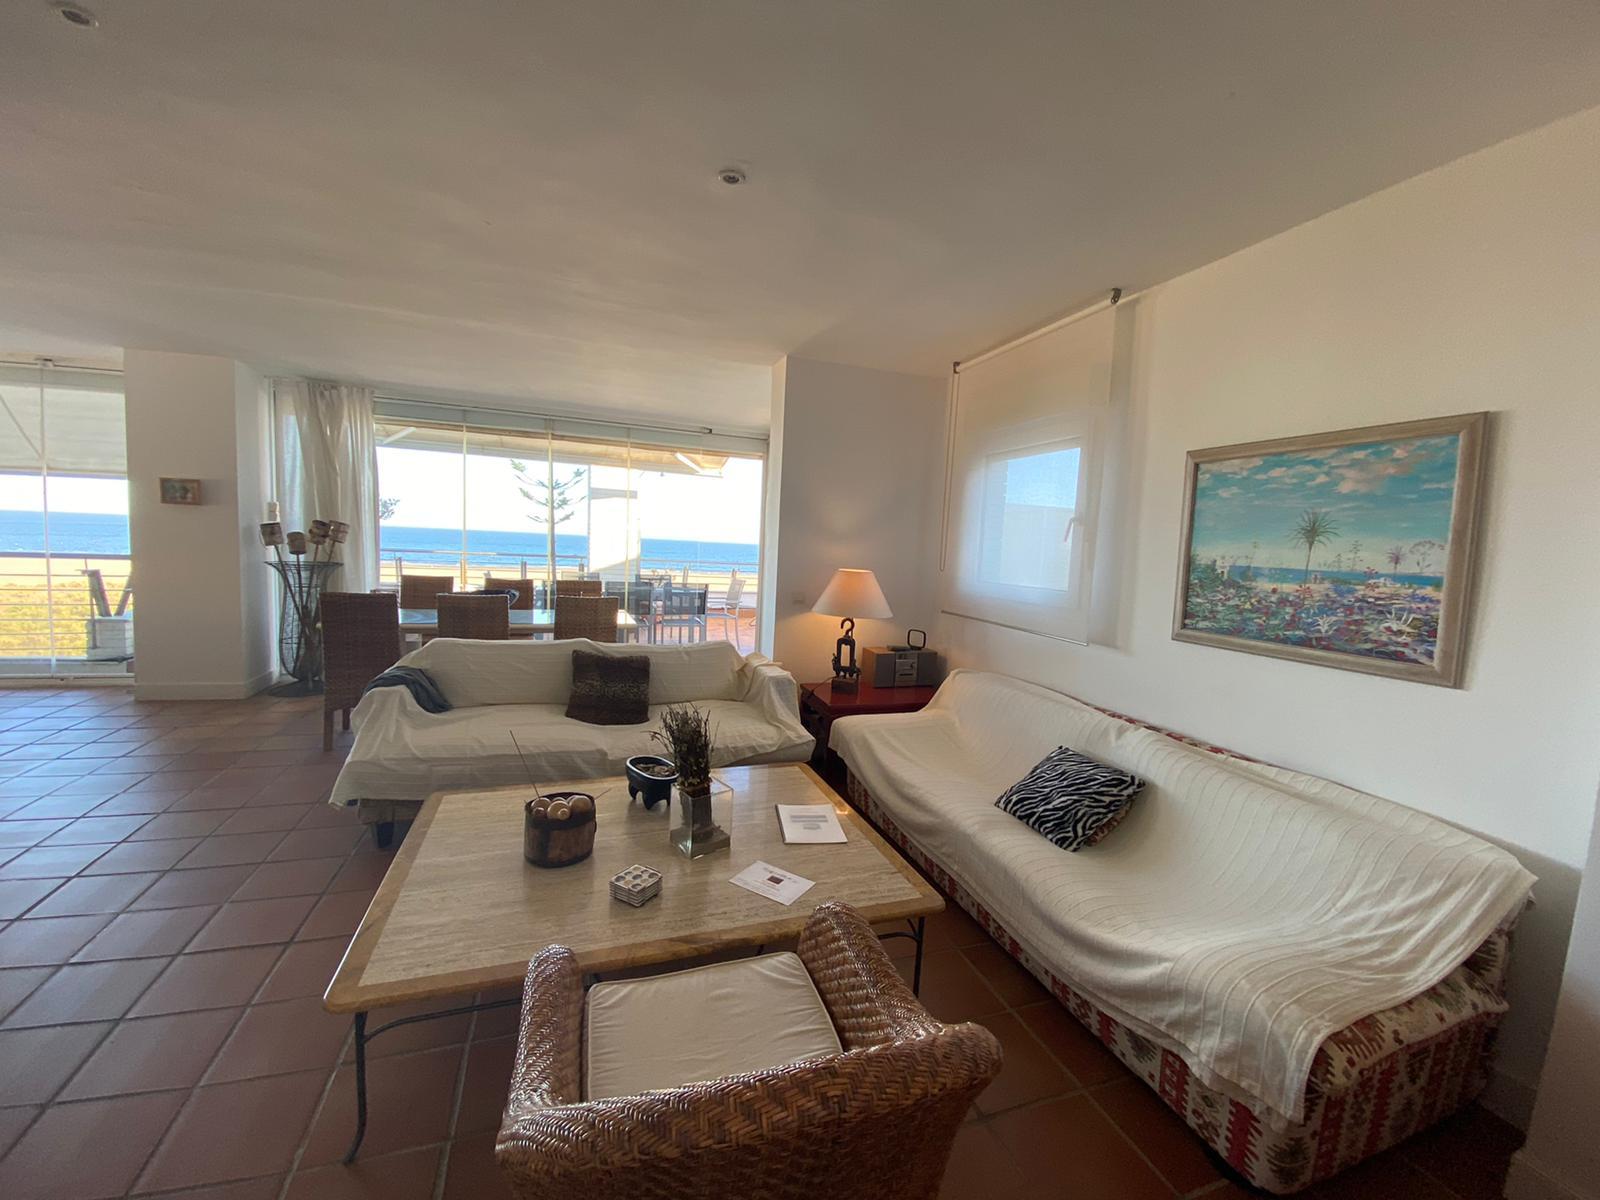 Imagen 42 del Apartamento Turístico, Ático 4 Levante, Frontal (4d+2b), Punta del Moral (HUELVA), Paseo de la Cruz nº22